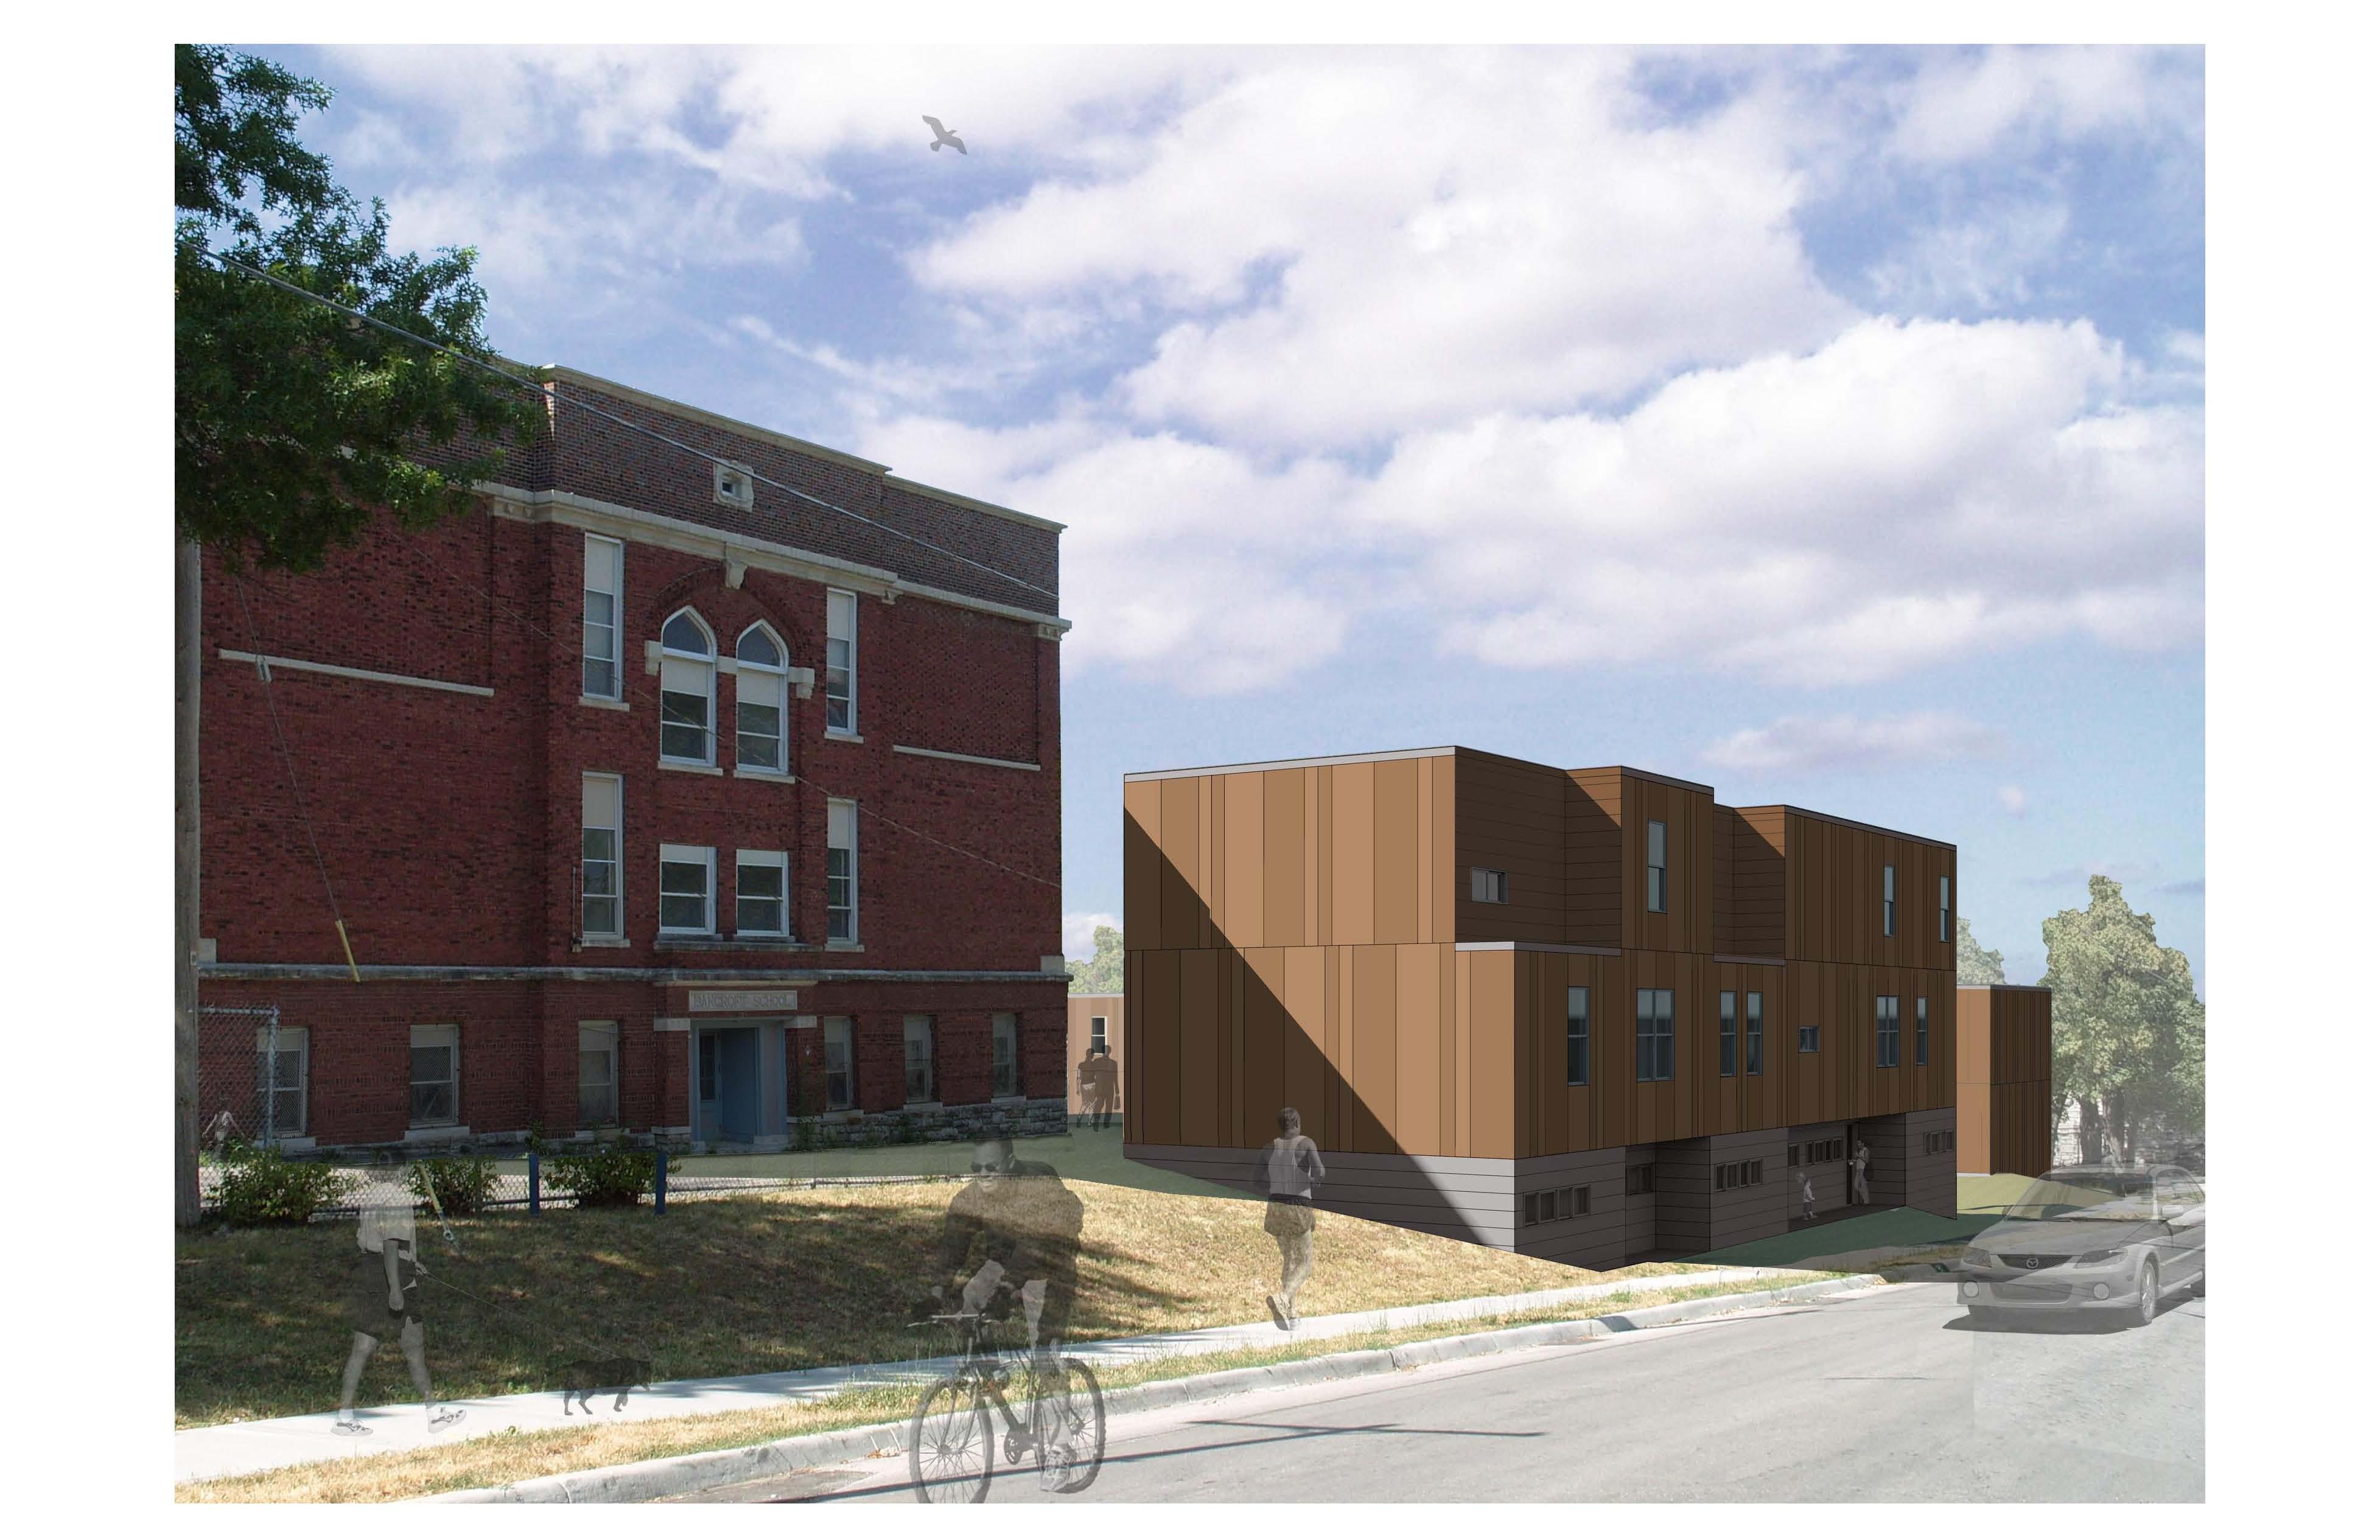 SEEDocs Revitalização da Escola Bancroft , Render para a Escola Bancroft em Kansas City, Missouri. Parte de um esforço de revitalização da comunidade de Manheim Park, a Fundação Make It Right, e BINM Architects. Foto © BNIM Architecture + Planning